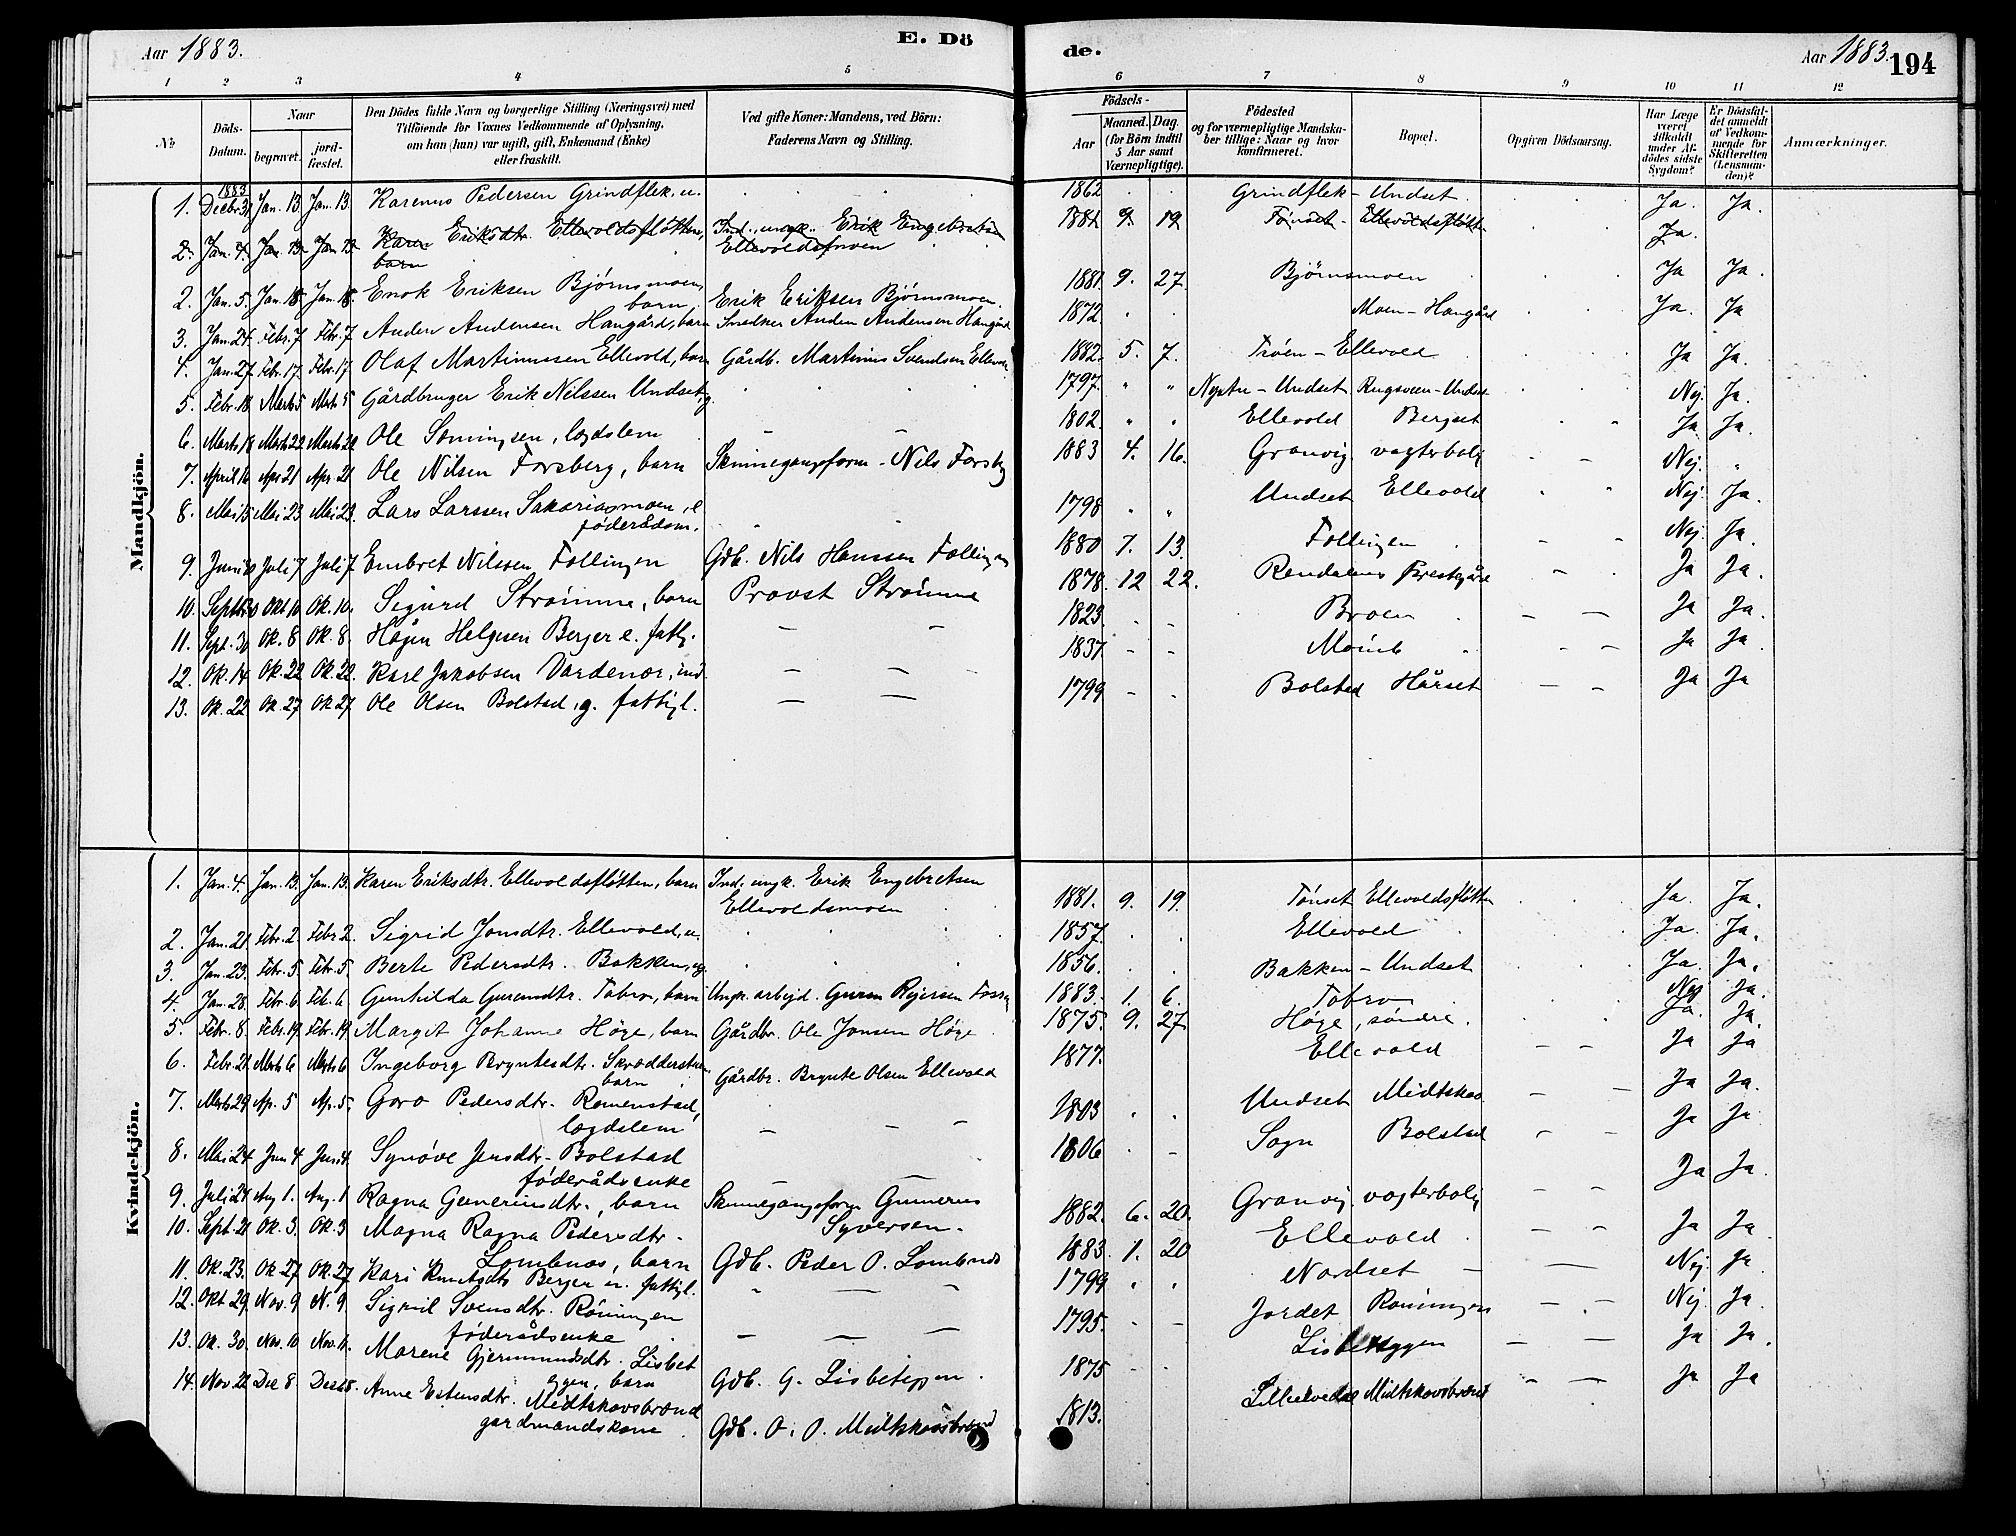 SAH, Rendalen prestekontor, H/Ha/Hab/L0003: Klokkerbok nr. 3, 1879-1904, s. 194